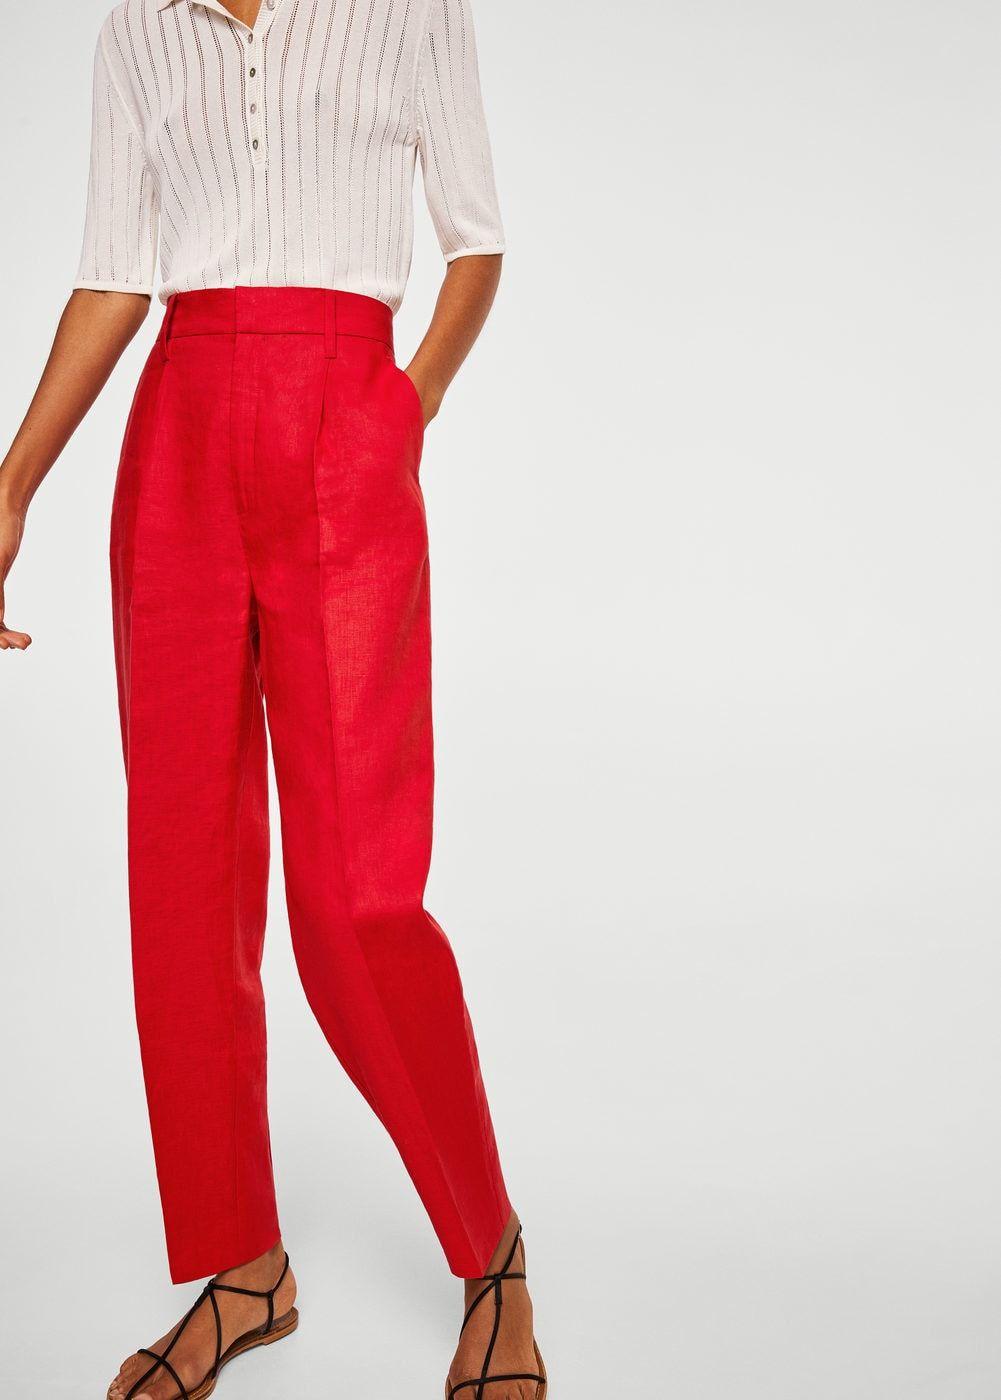 Pantalon en lin taille haute - Femme   I want to own it   Pinterest ... 731a3853d920